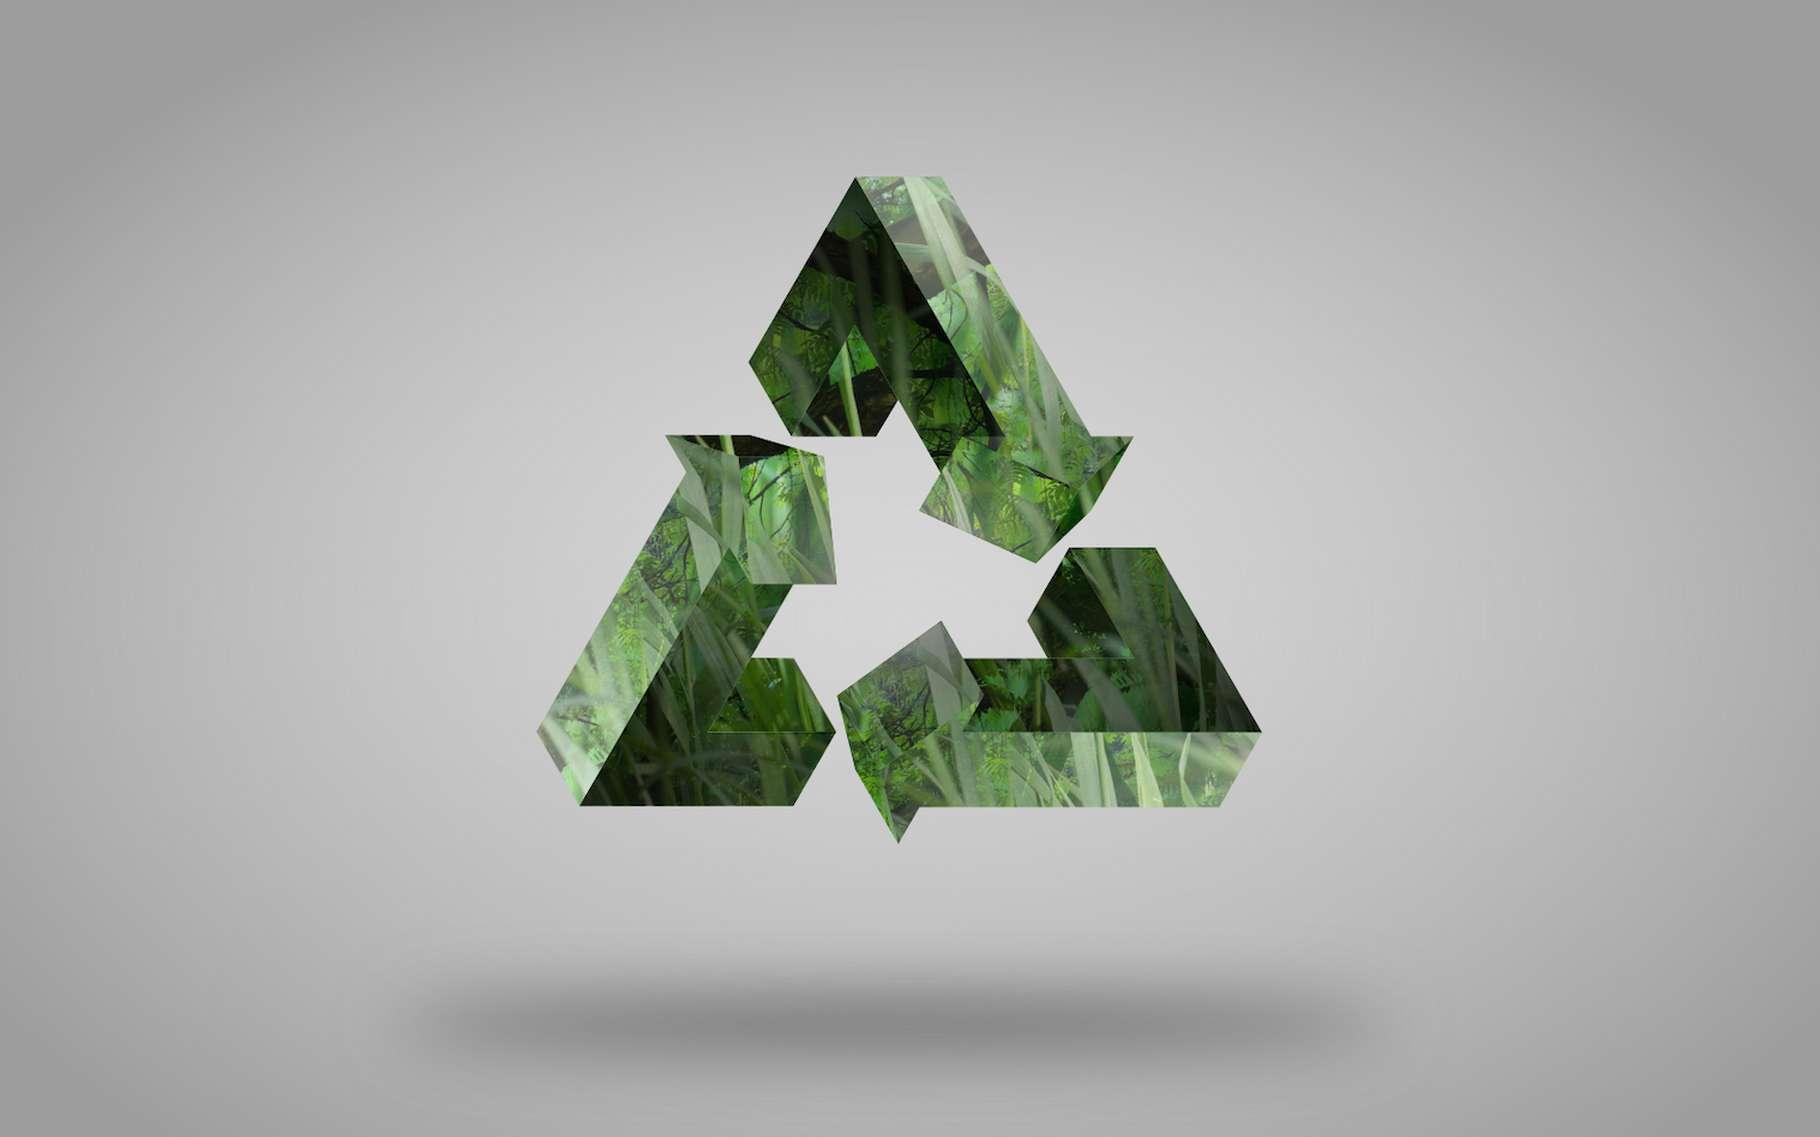 Il devient de plus en plus difficile aujourd'hui, d'envisager mettre sur le marché, des matériaux qui ne soient pas recyclables. Et les matériaux composites n'échappent pas à la règle. © 95C, Pixabay, CC0 Creative Commons